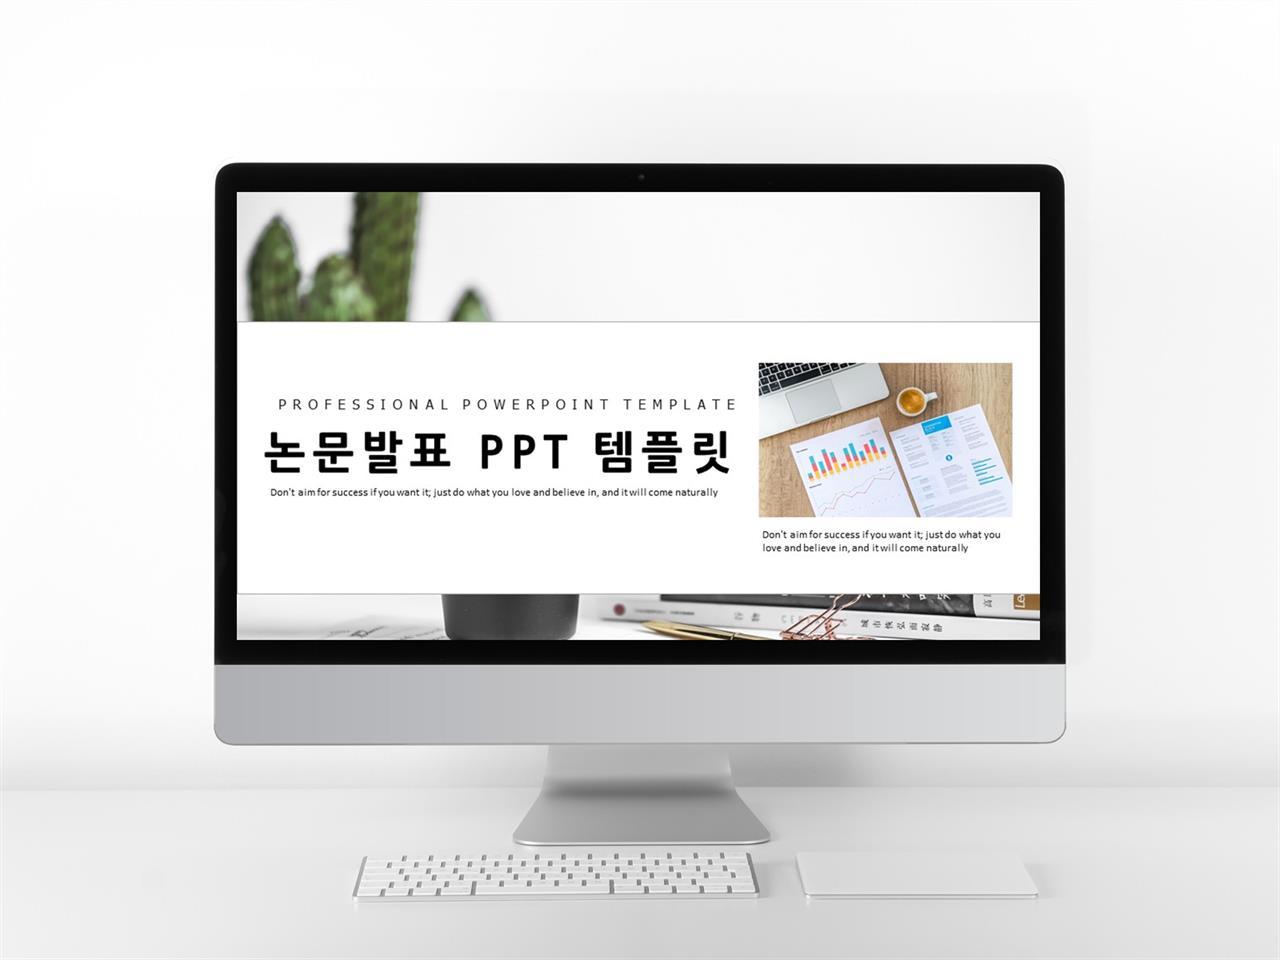 졸업논문 회색 단출한 고급스럽운 POWERPOINT테마 사이트 미리보기